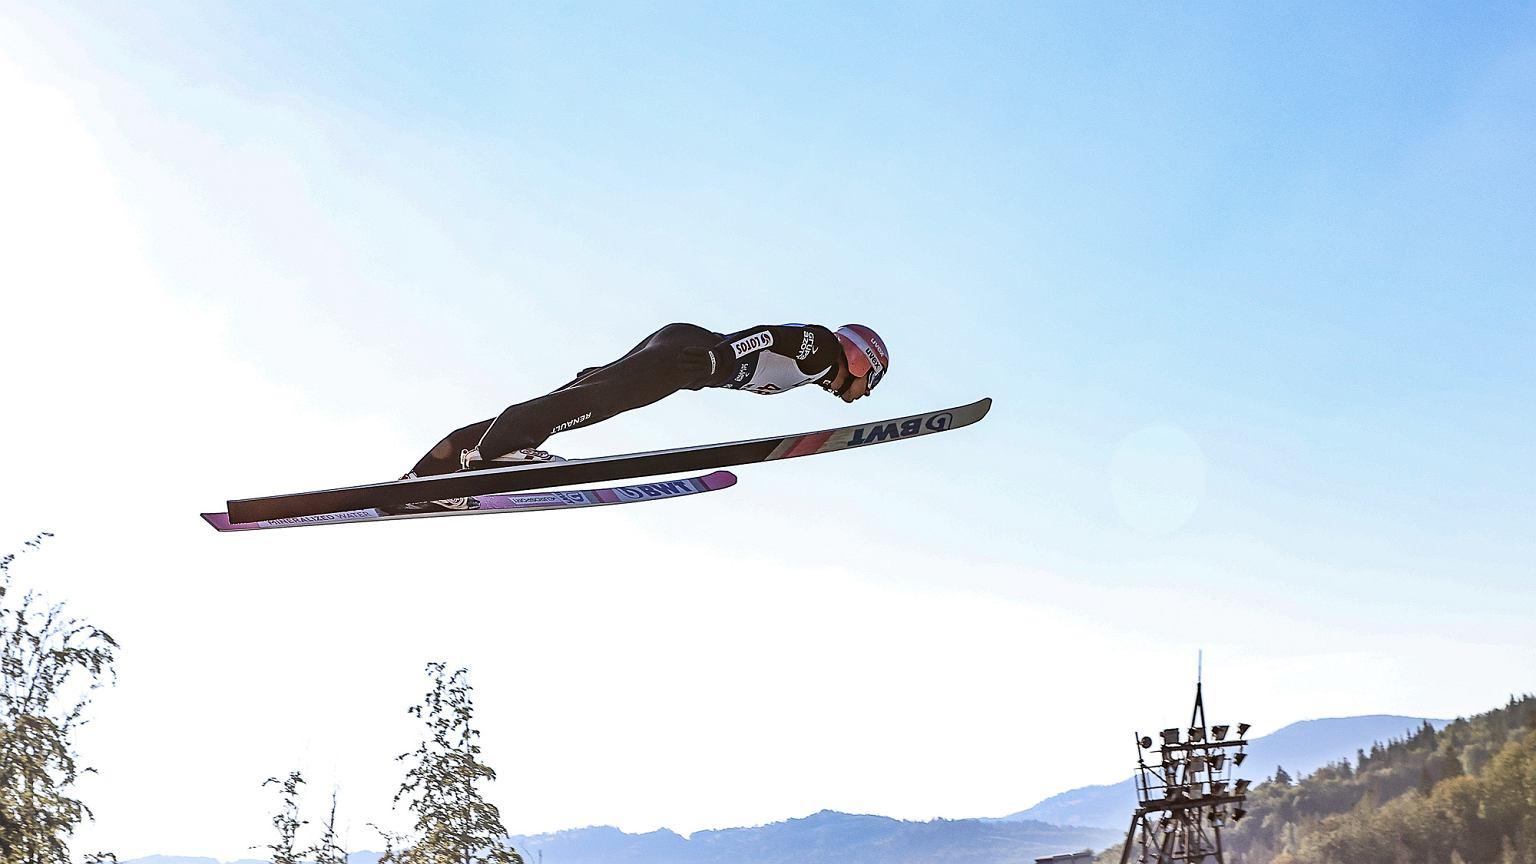 Historyczne zawody polskich skoków narciarskich! Wielkie marzenie wreszcie się spełniło